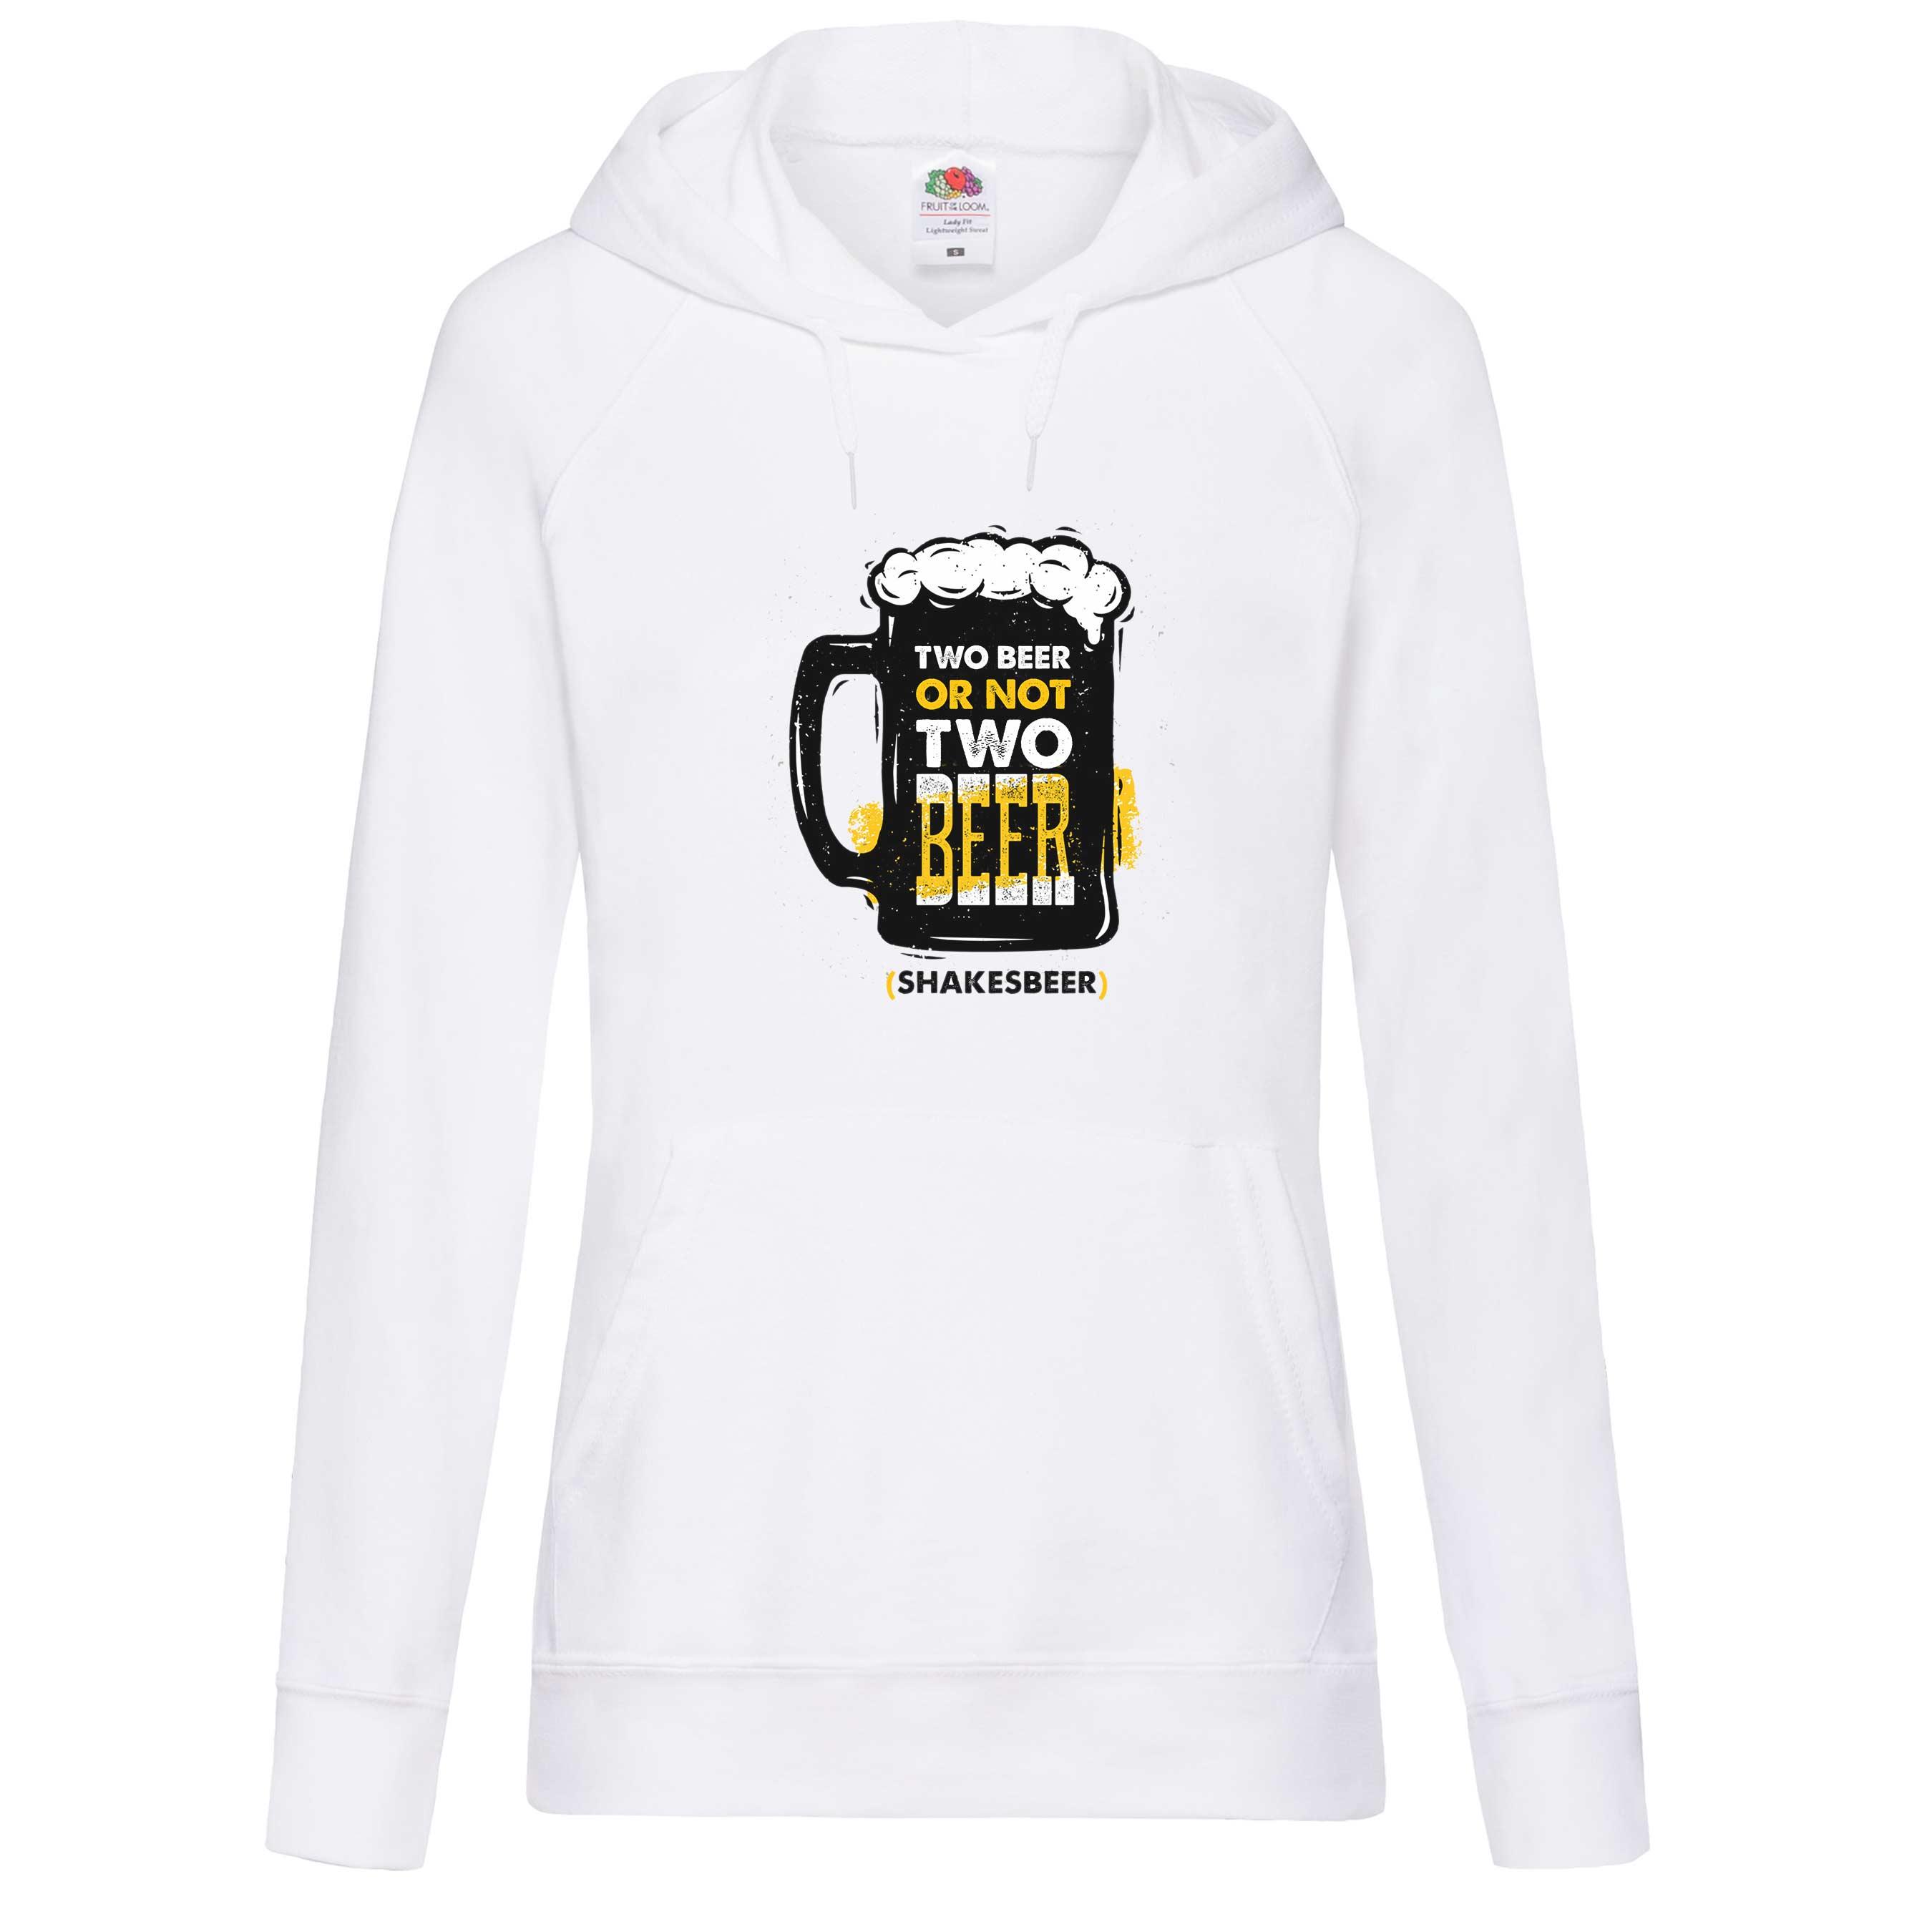 Shakesbeer design for t-shirt, hoodie & sweatshirt